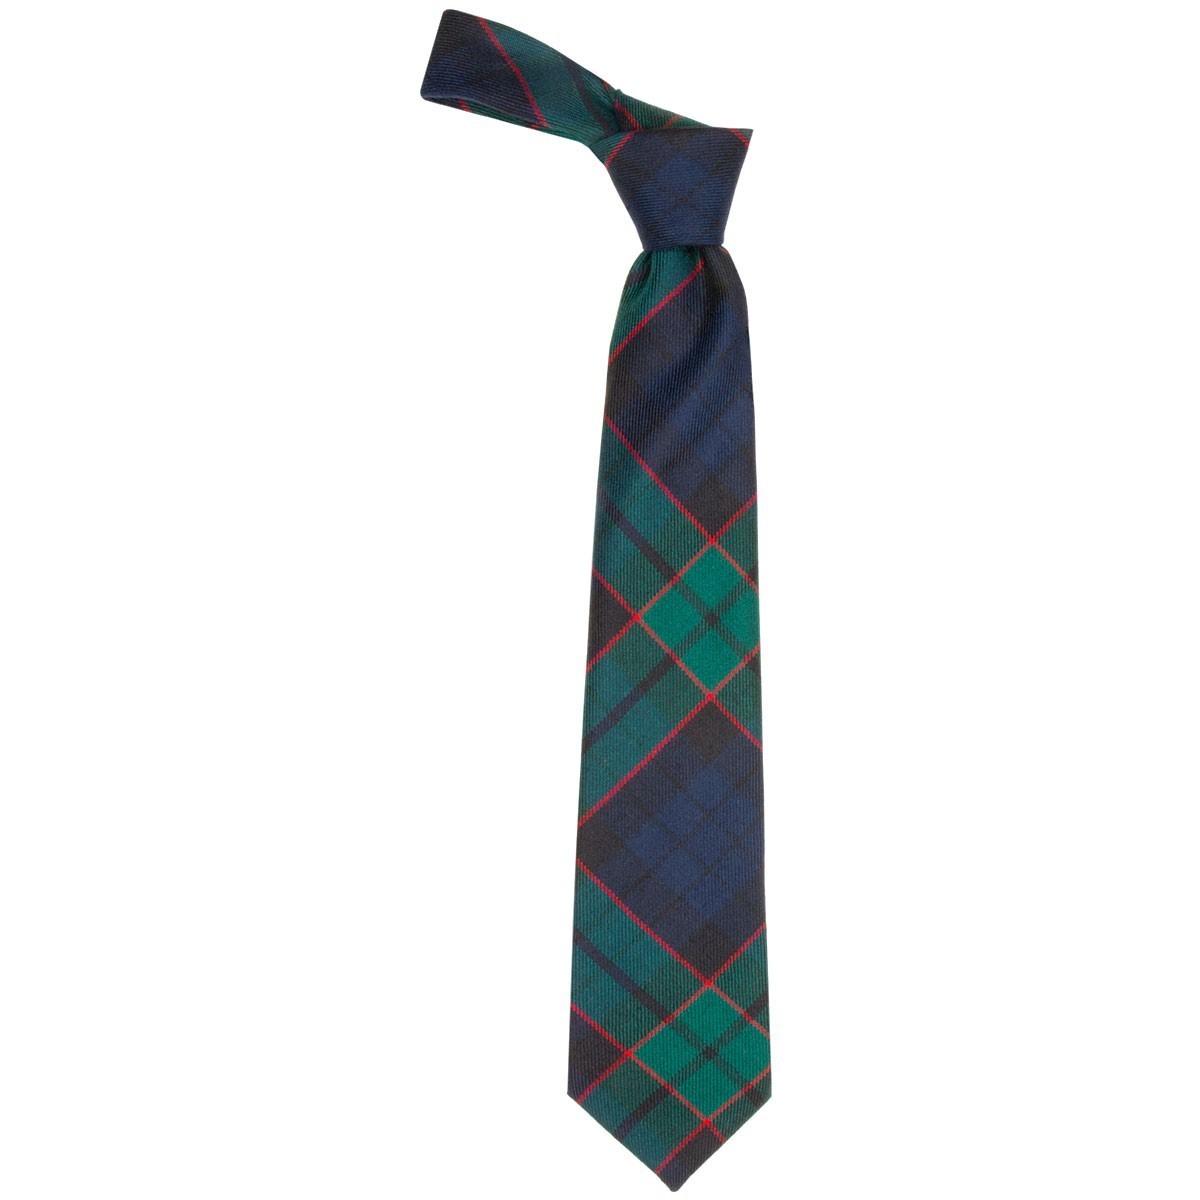 Fletcher Modern Tartan Tie